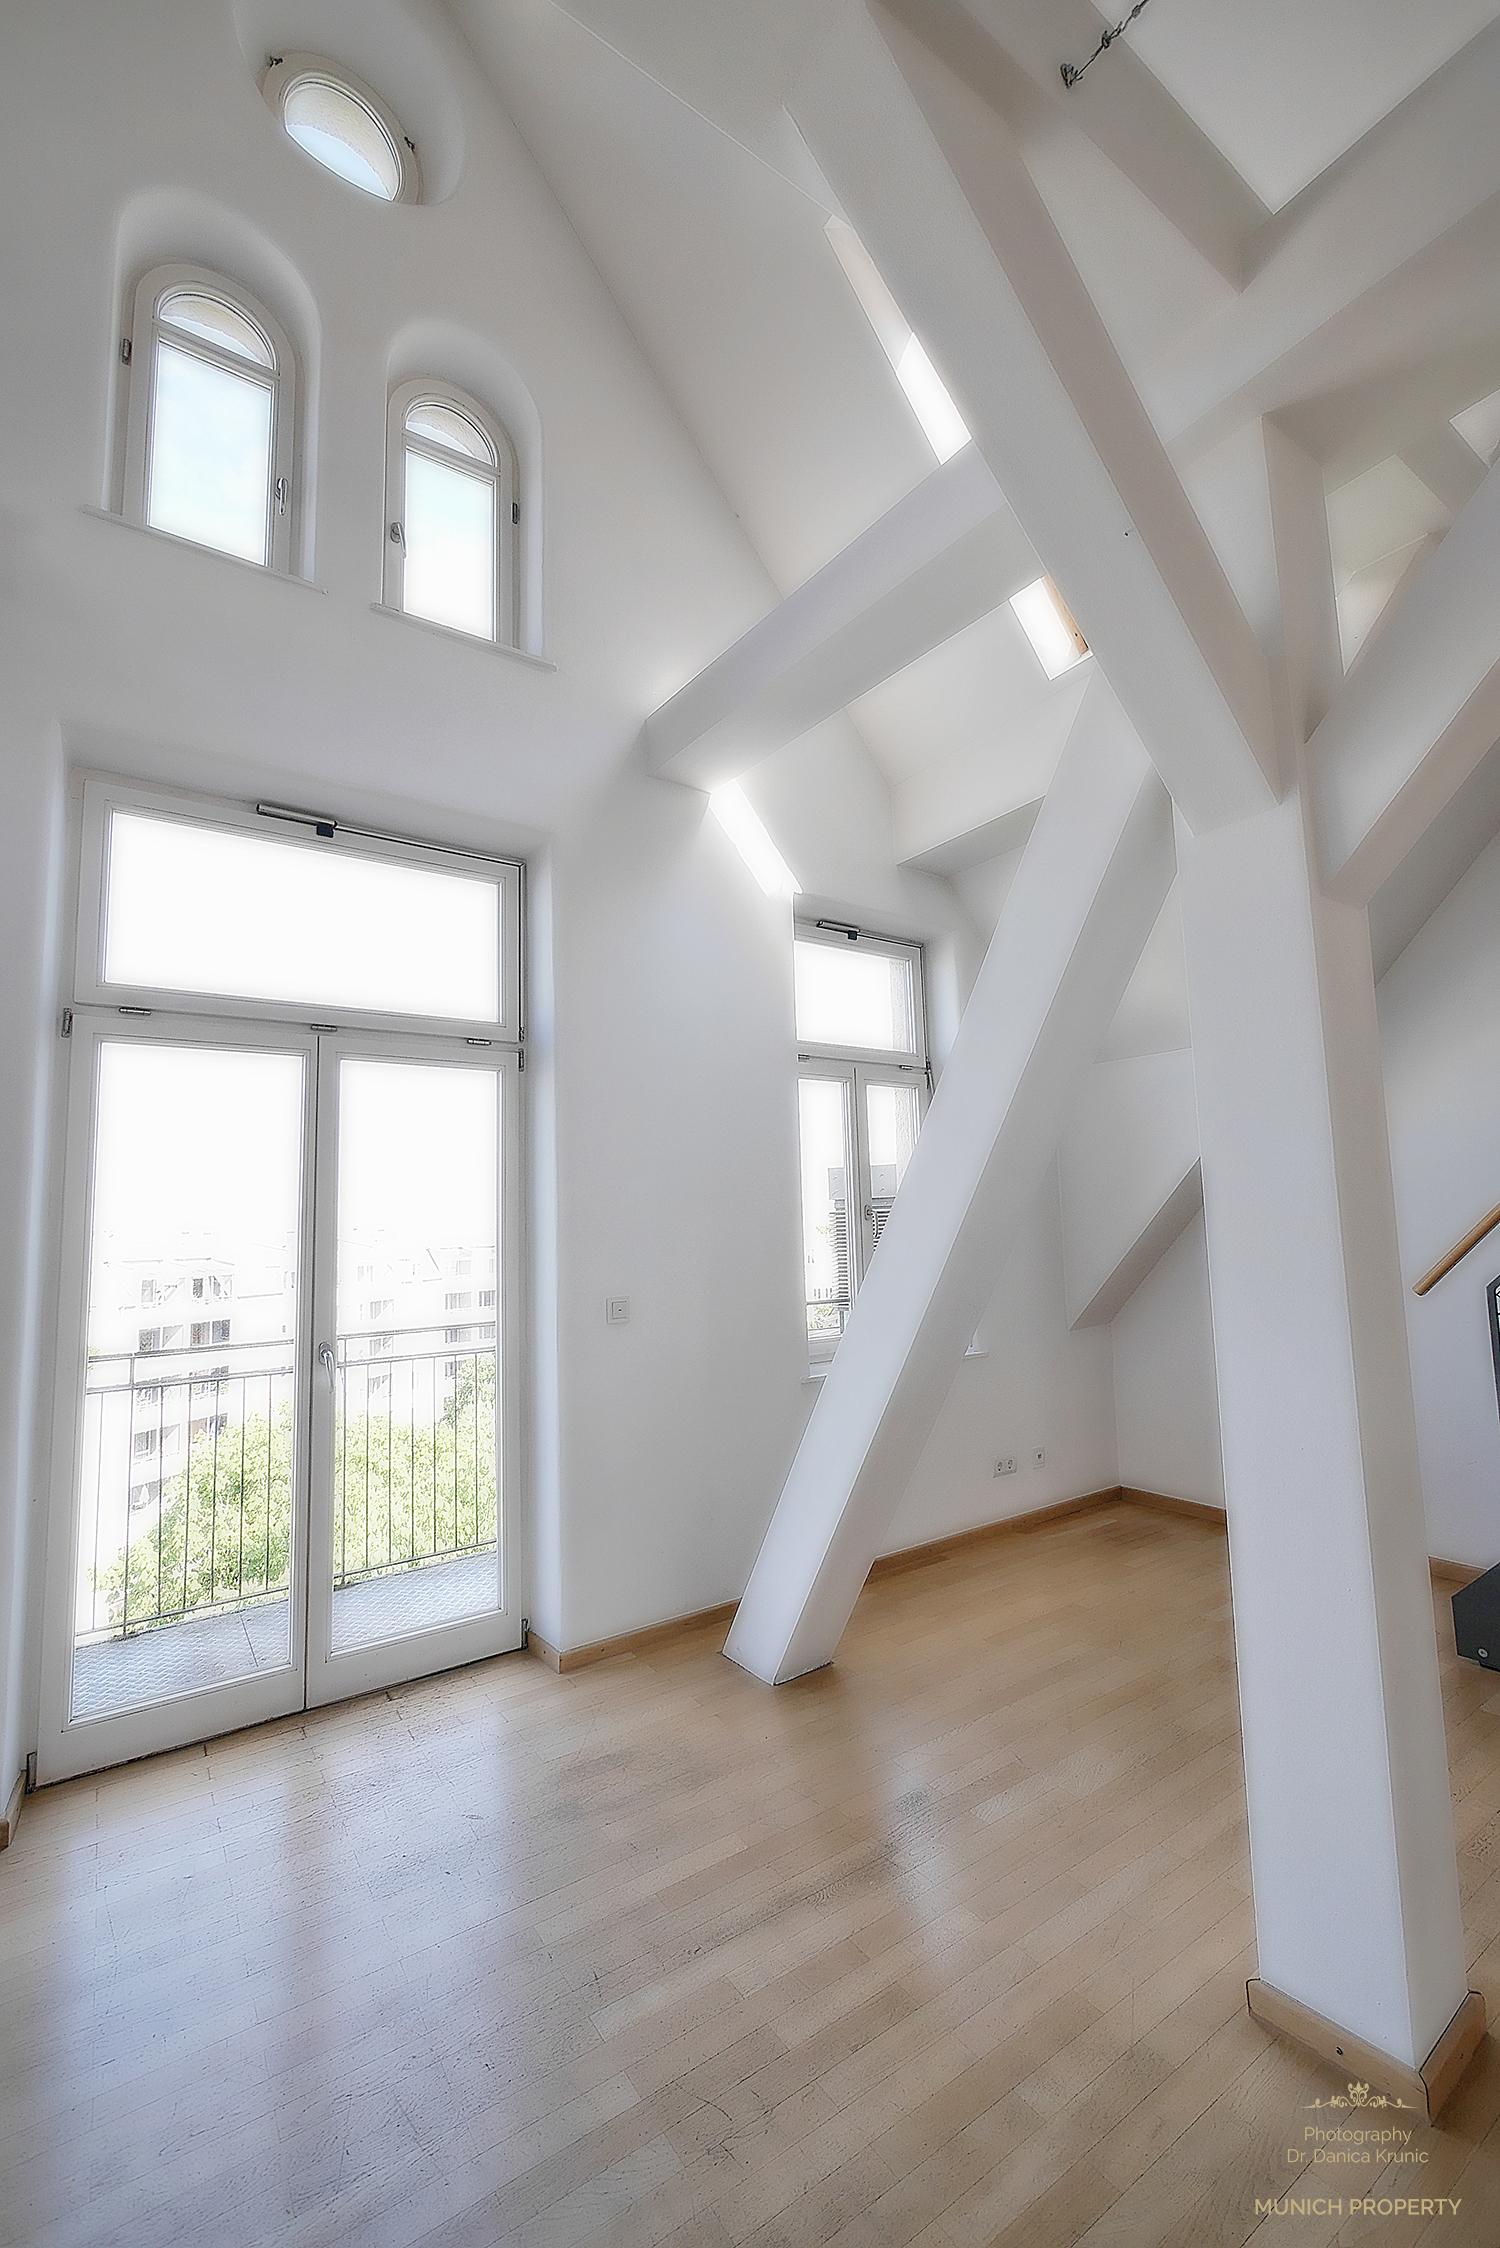 Wohnung München Isarvorstadt Ludwigsvorstadt Glockenbach Luxus Galerie Parkett Säulen Schrägen